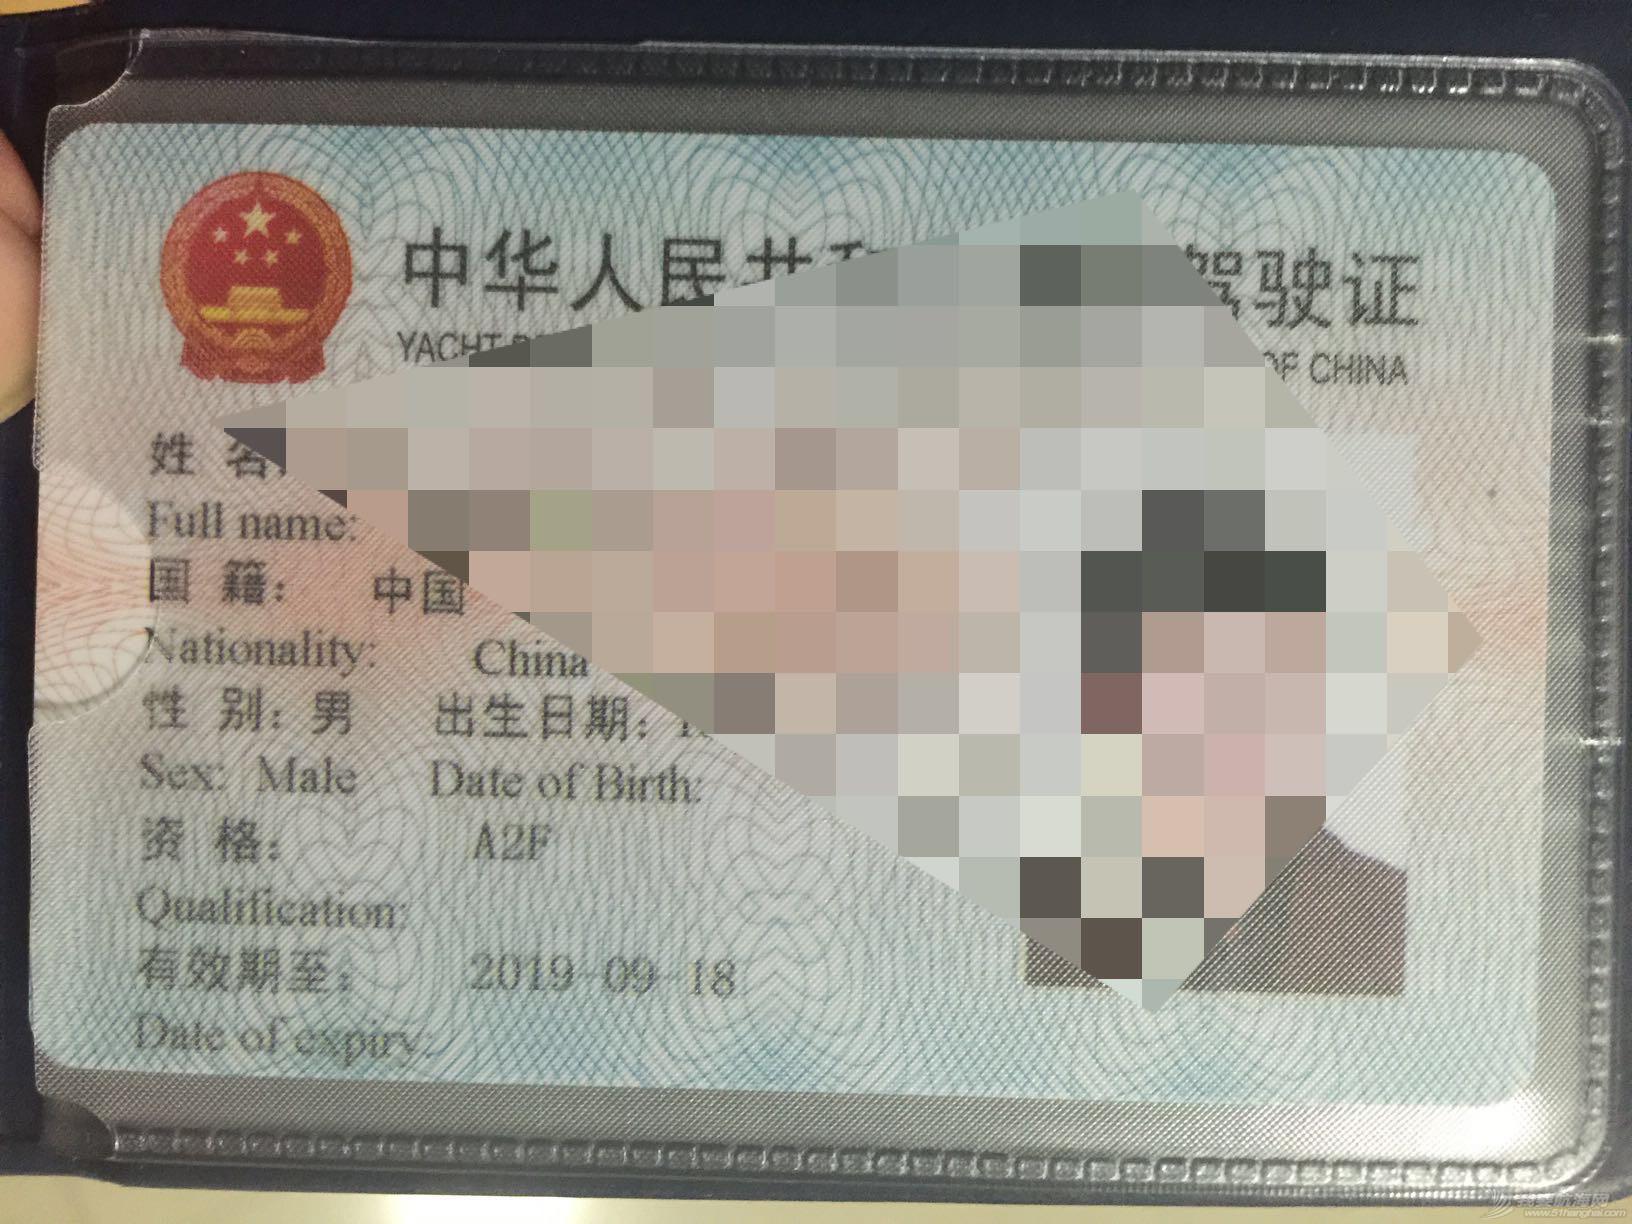 帆船,驾驶,游艇,培训,体系 中国游艇驾驶证-帆船培训认证体系大全-4个认证+一个驾照:RYA/ASA/IYT/CYA/A2F 中华人民共和国游艇驾驶证 正面